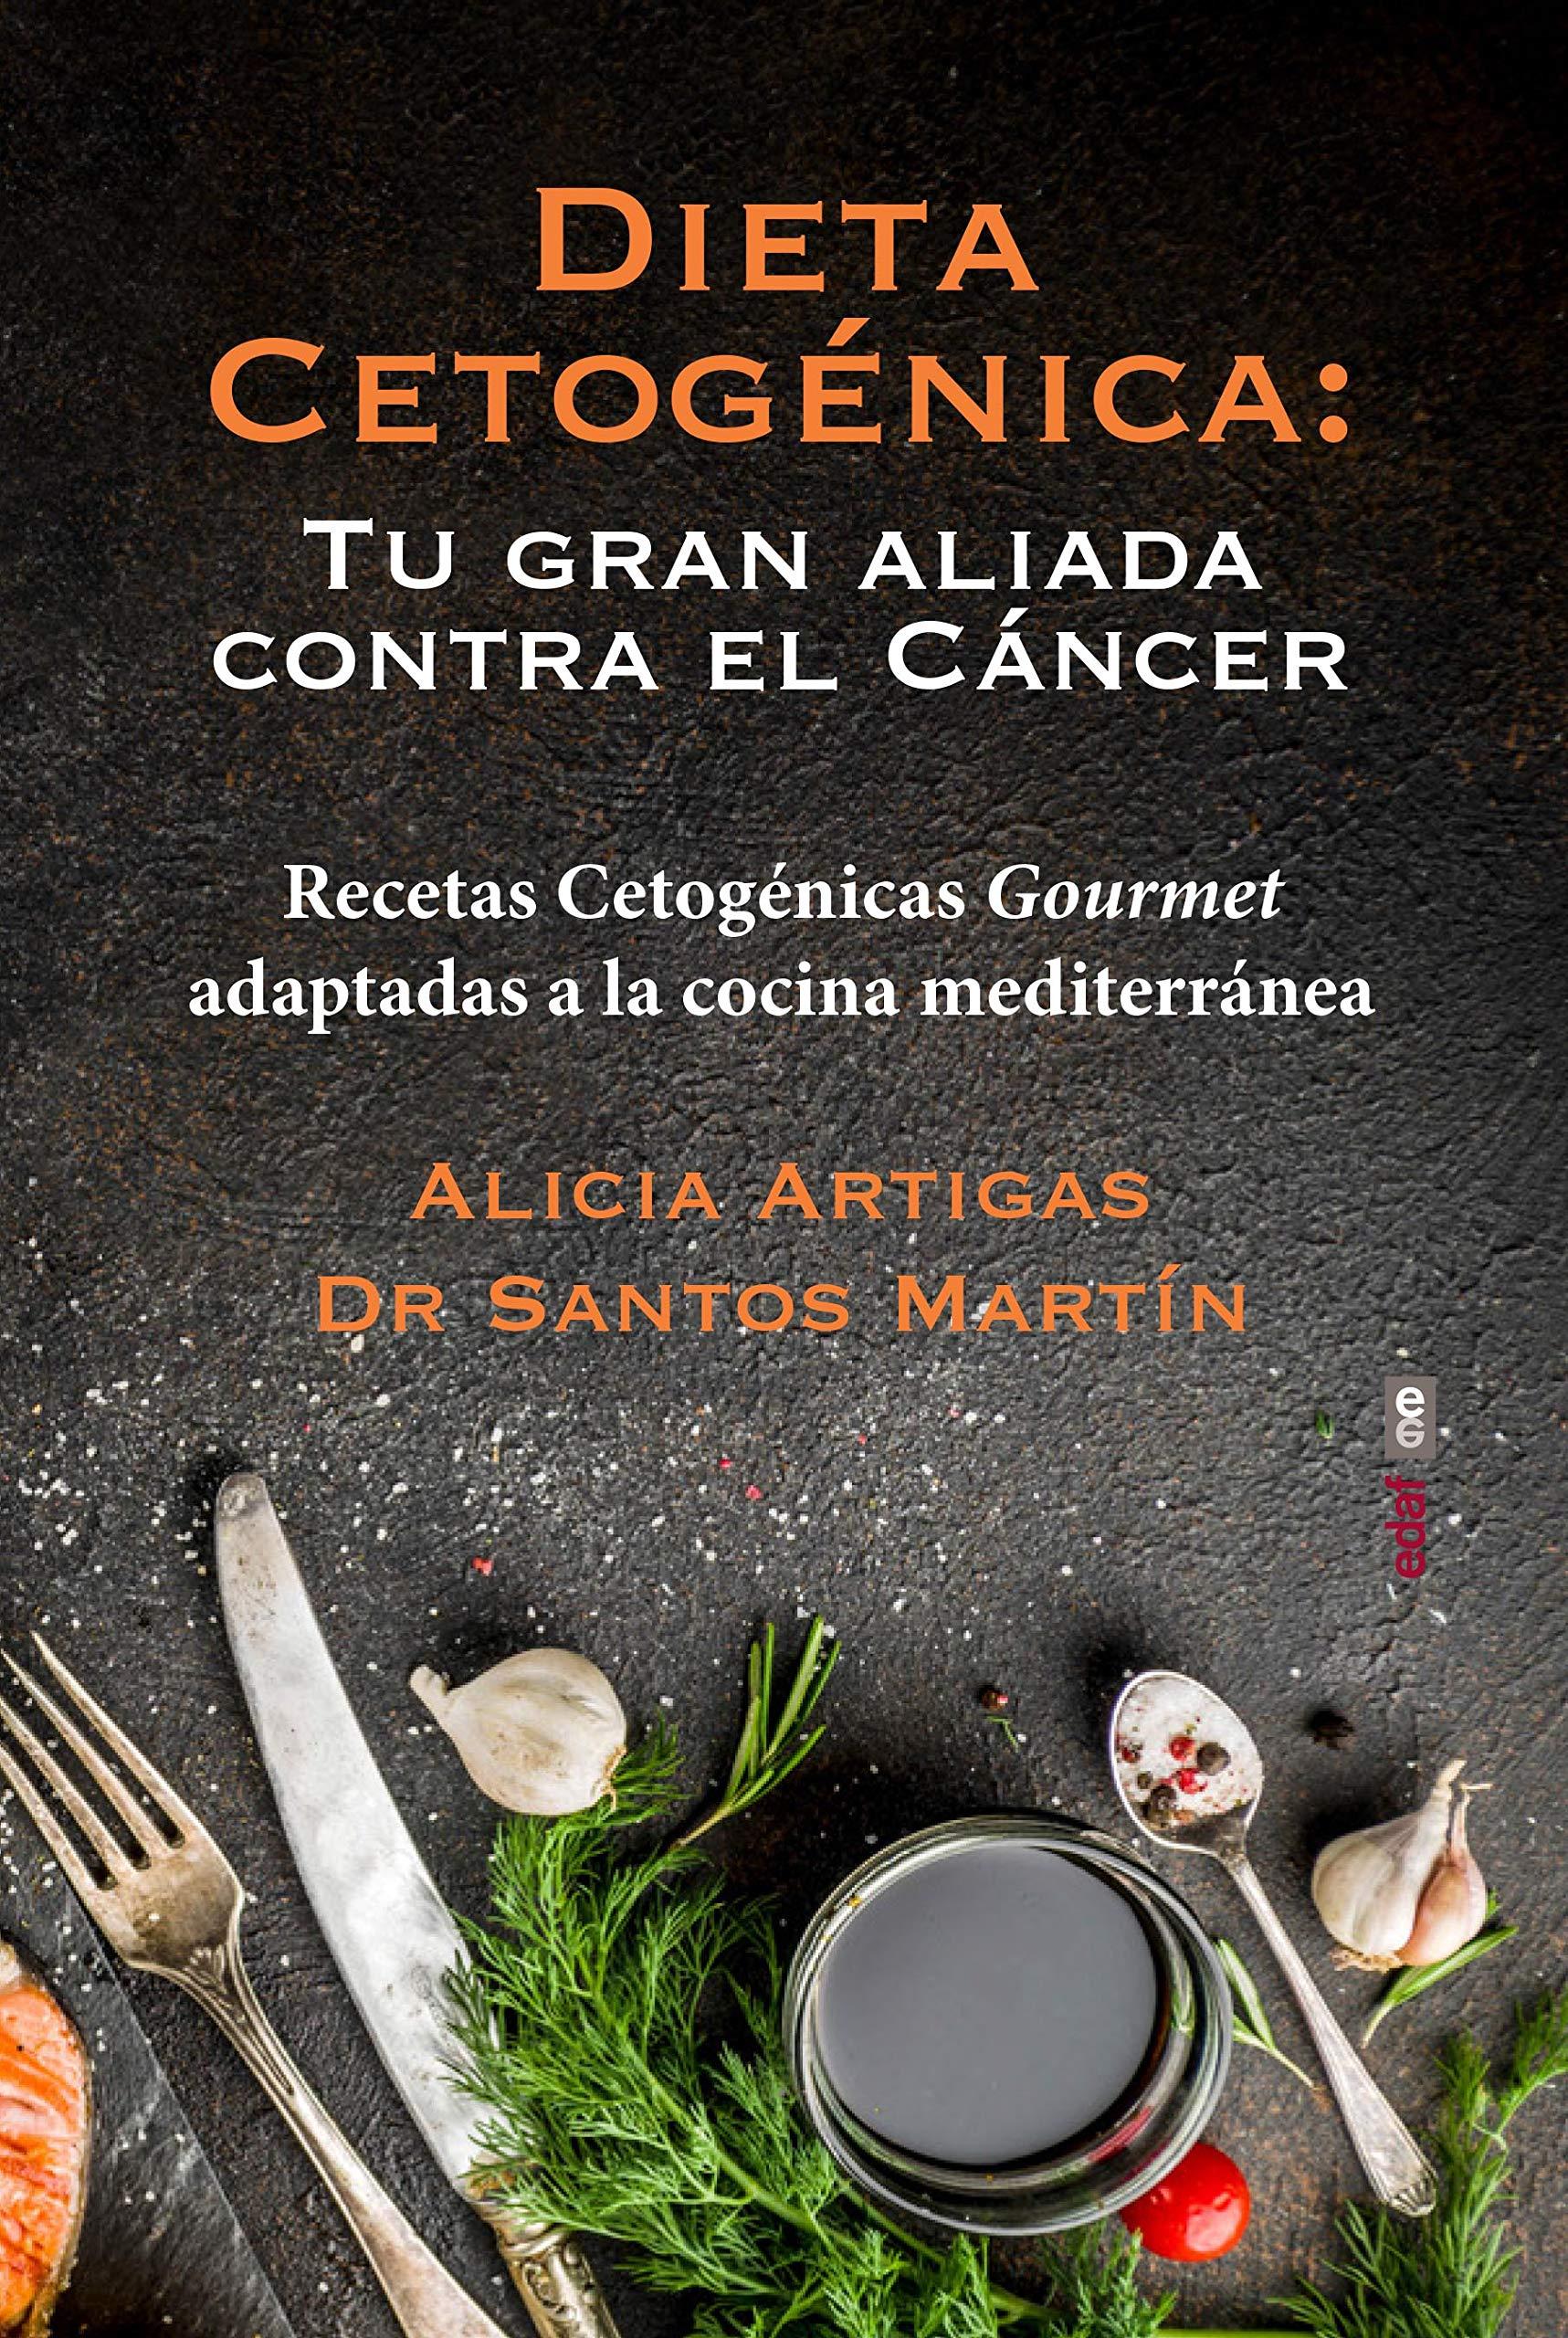 Dieta cetogénica: tu gran aliada contra el cáncer: Recetas cetogénicas gourmet adaptadas a la cocina mediterránea